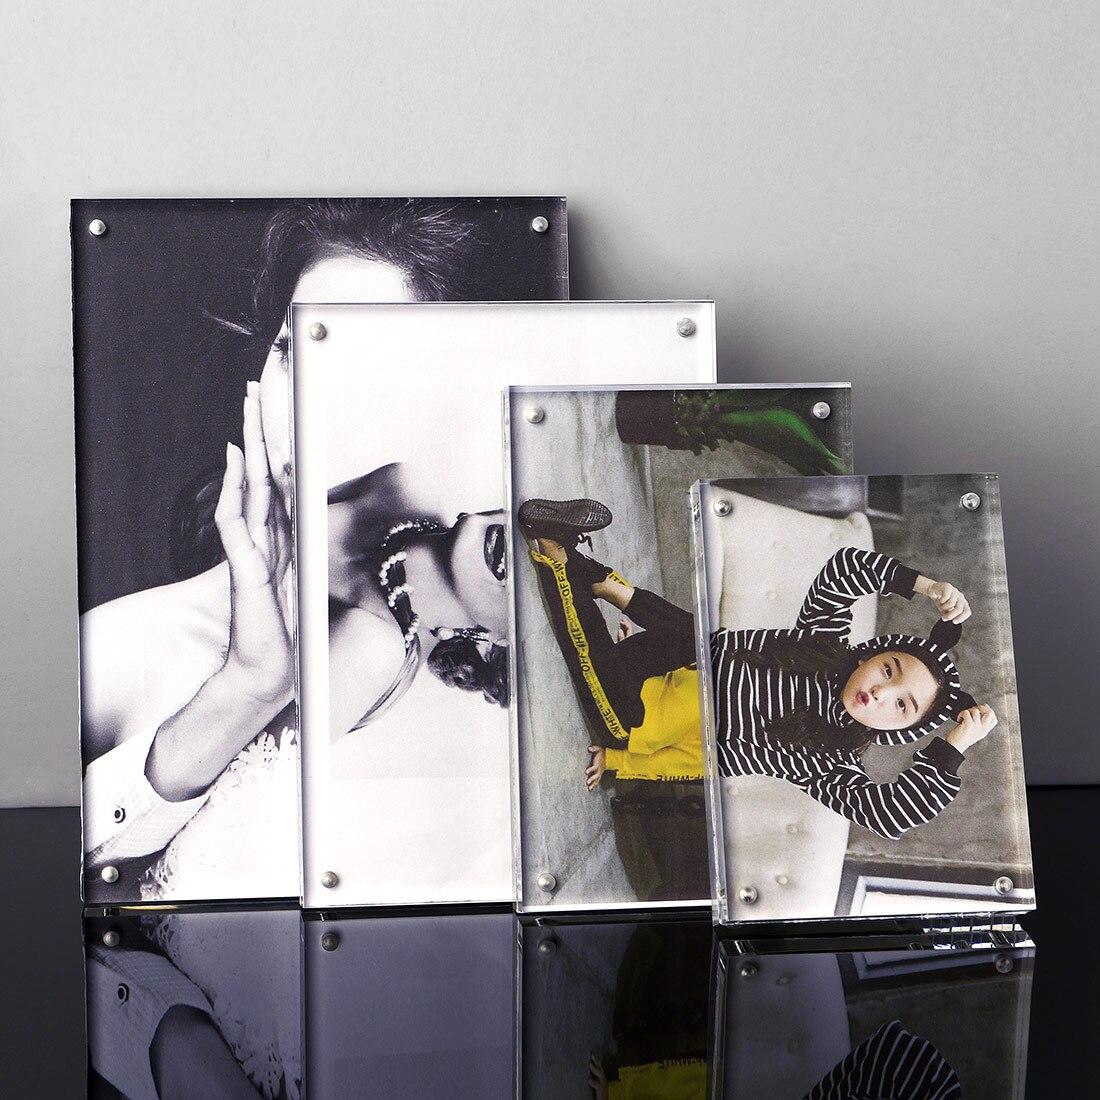 Europe Style Transparent Cadre Photo 4 Taille Rectangle Vintage Photo Cadres pour Photos Famille Affichage Maison Décoration De Bureau